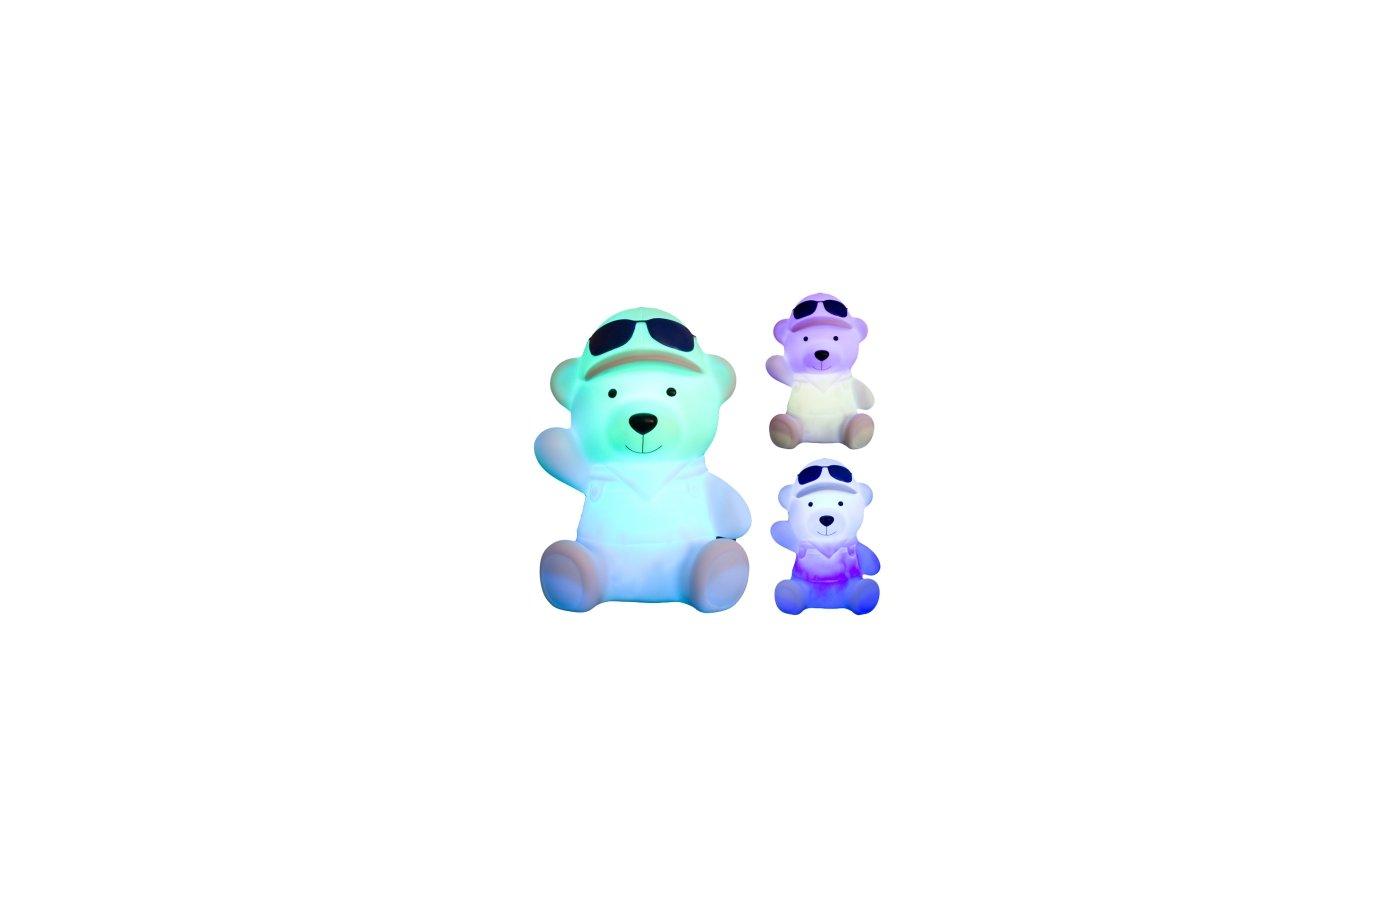 Игрушка Mixberry MLG 006